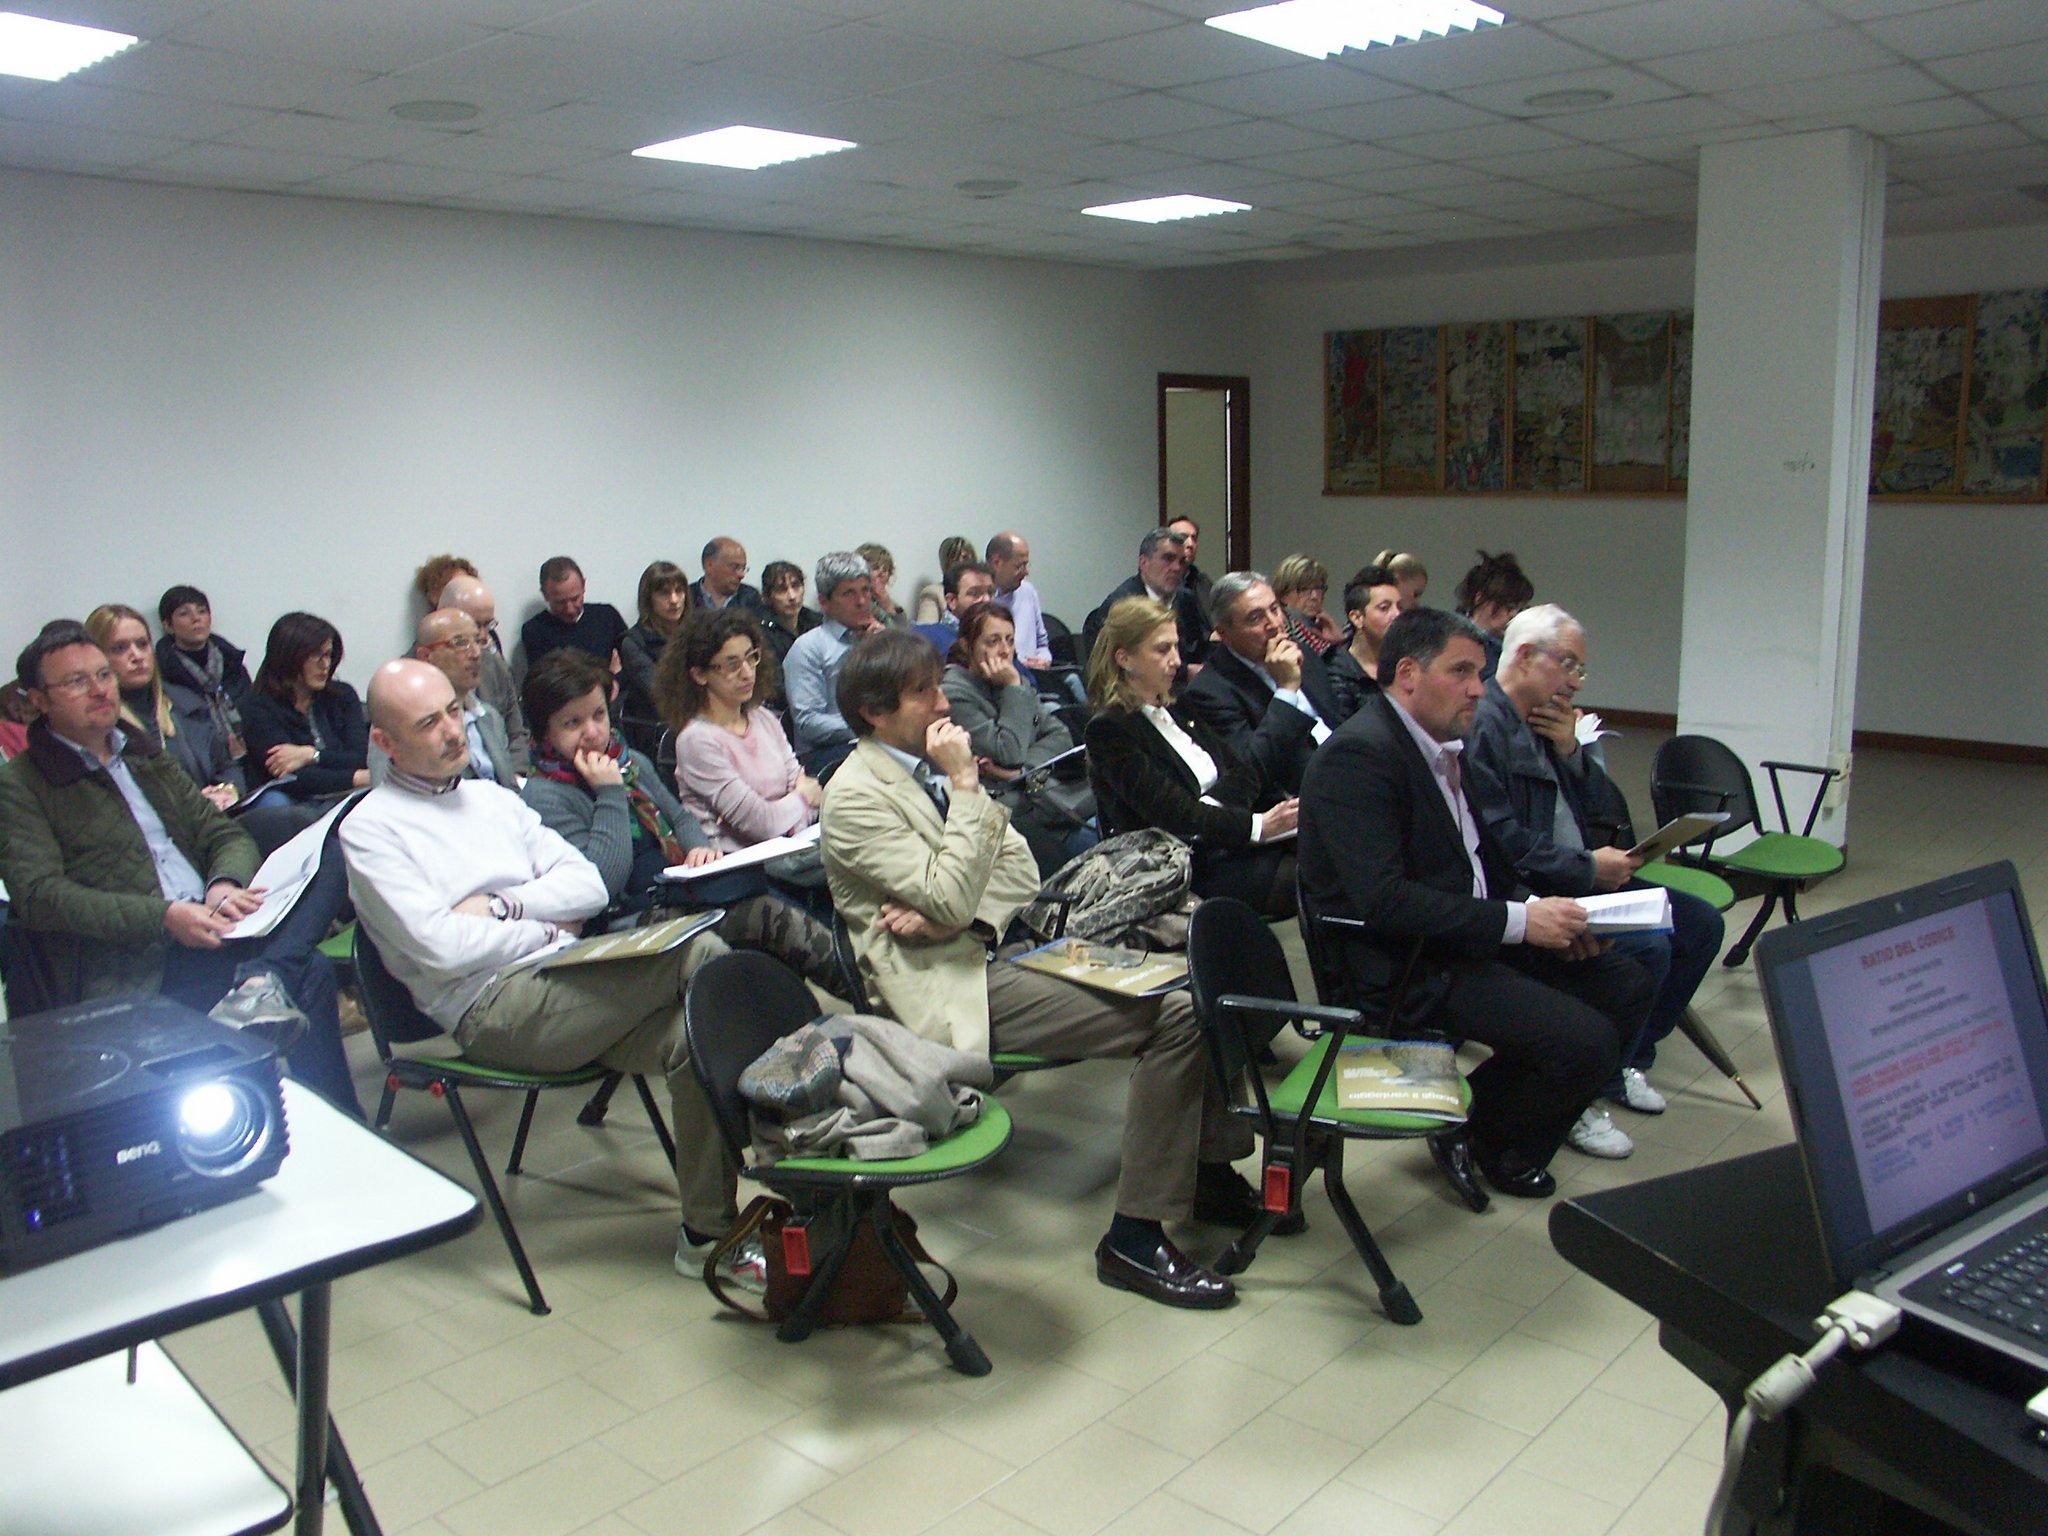 Ufficio Lavoro Arezzo : Oxfam italia presentata ad arezzo oxfam italia oxfam italia